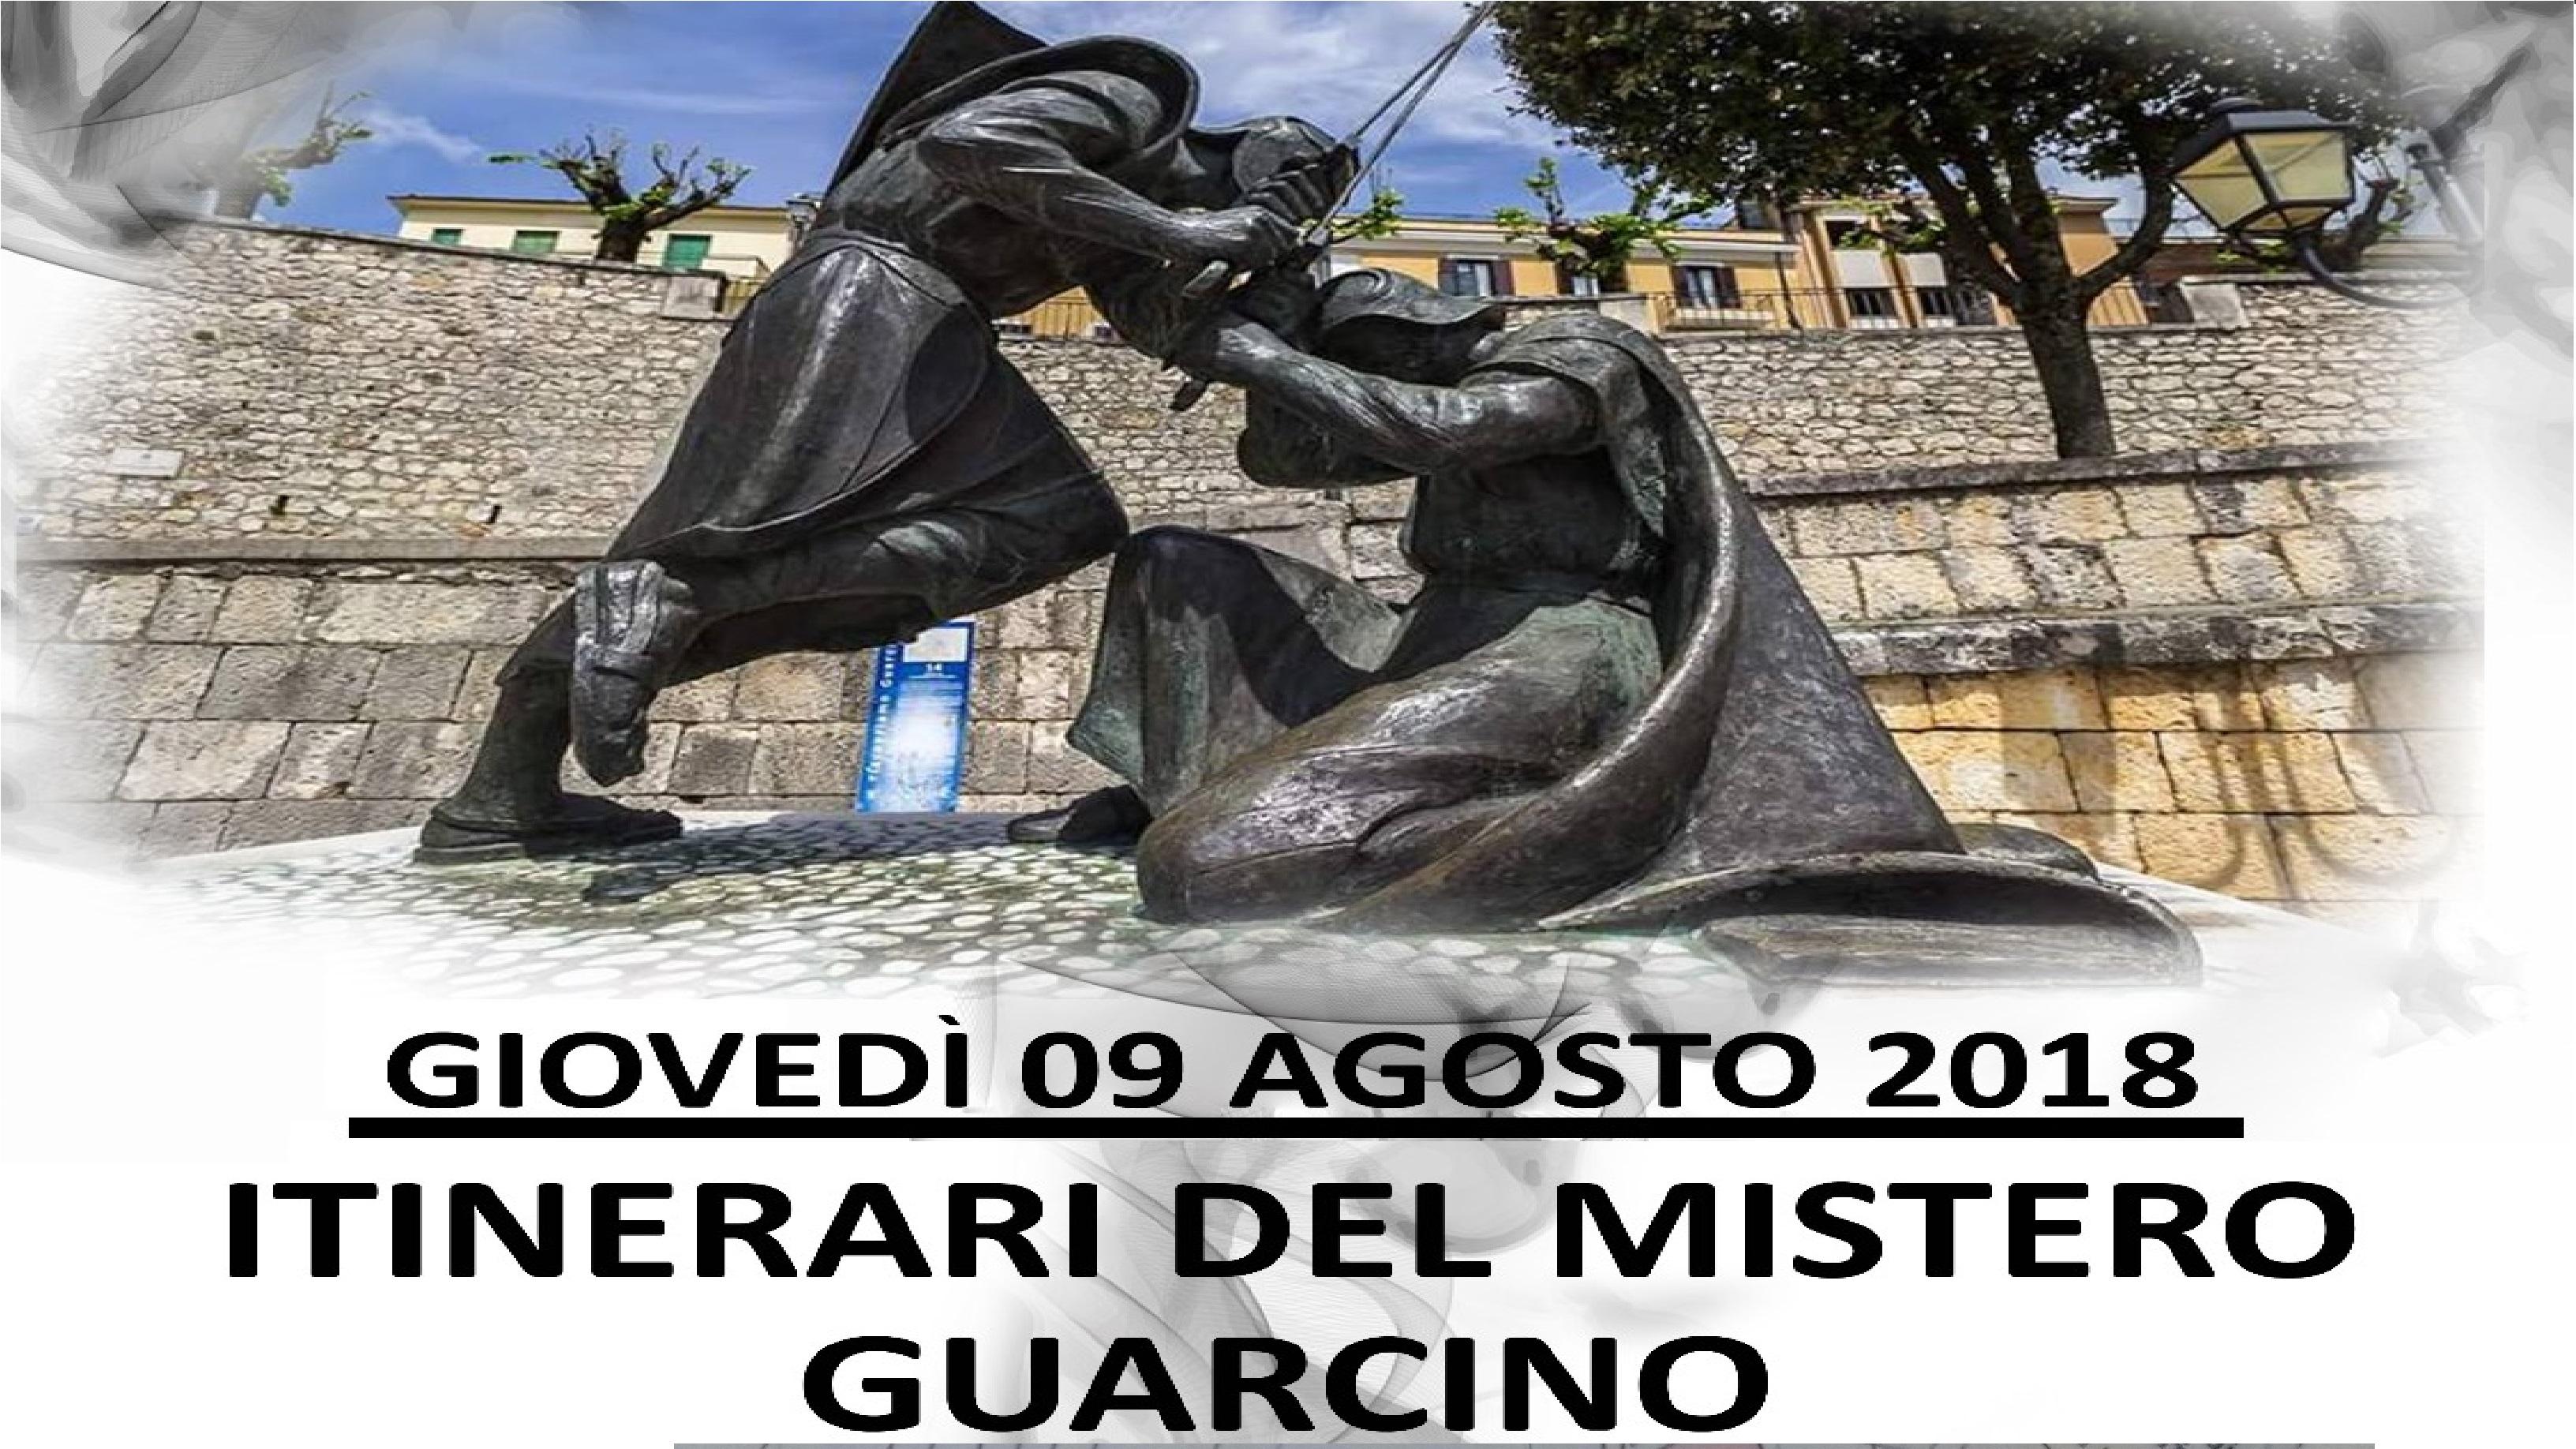 Calendario Gregoriano Santi.Guarcino Fr Risolto L Enigma Dei Due Santi Affrescati